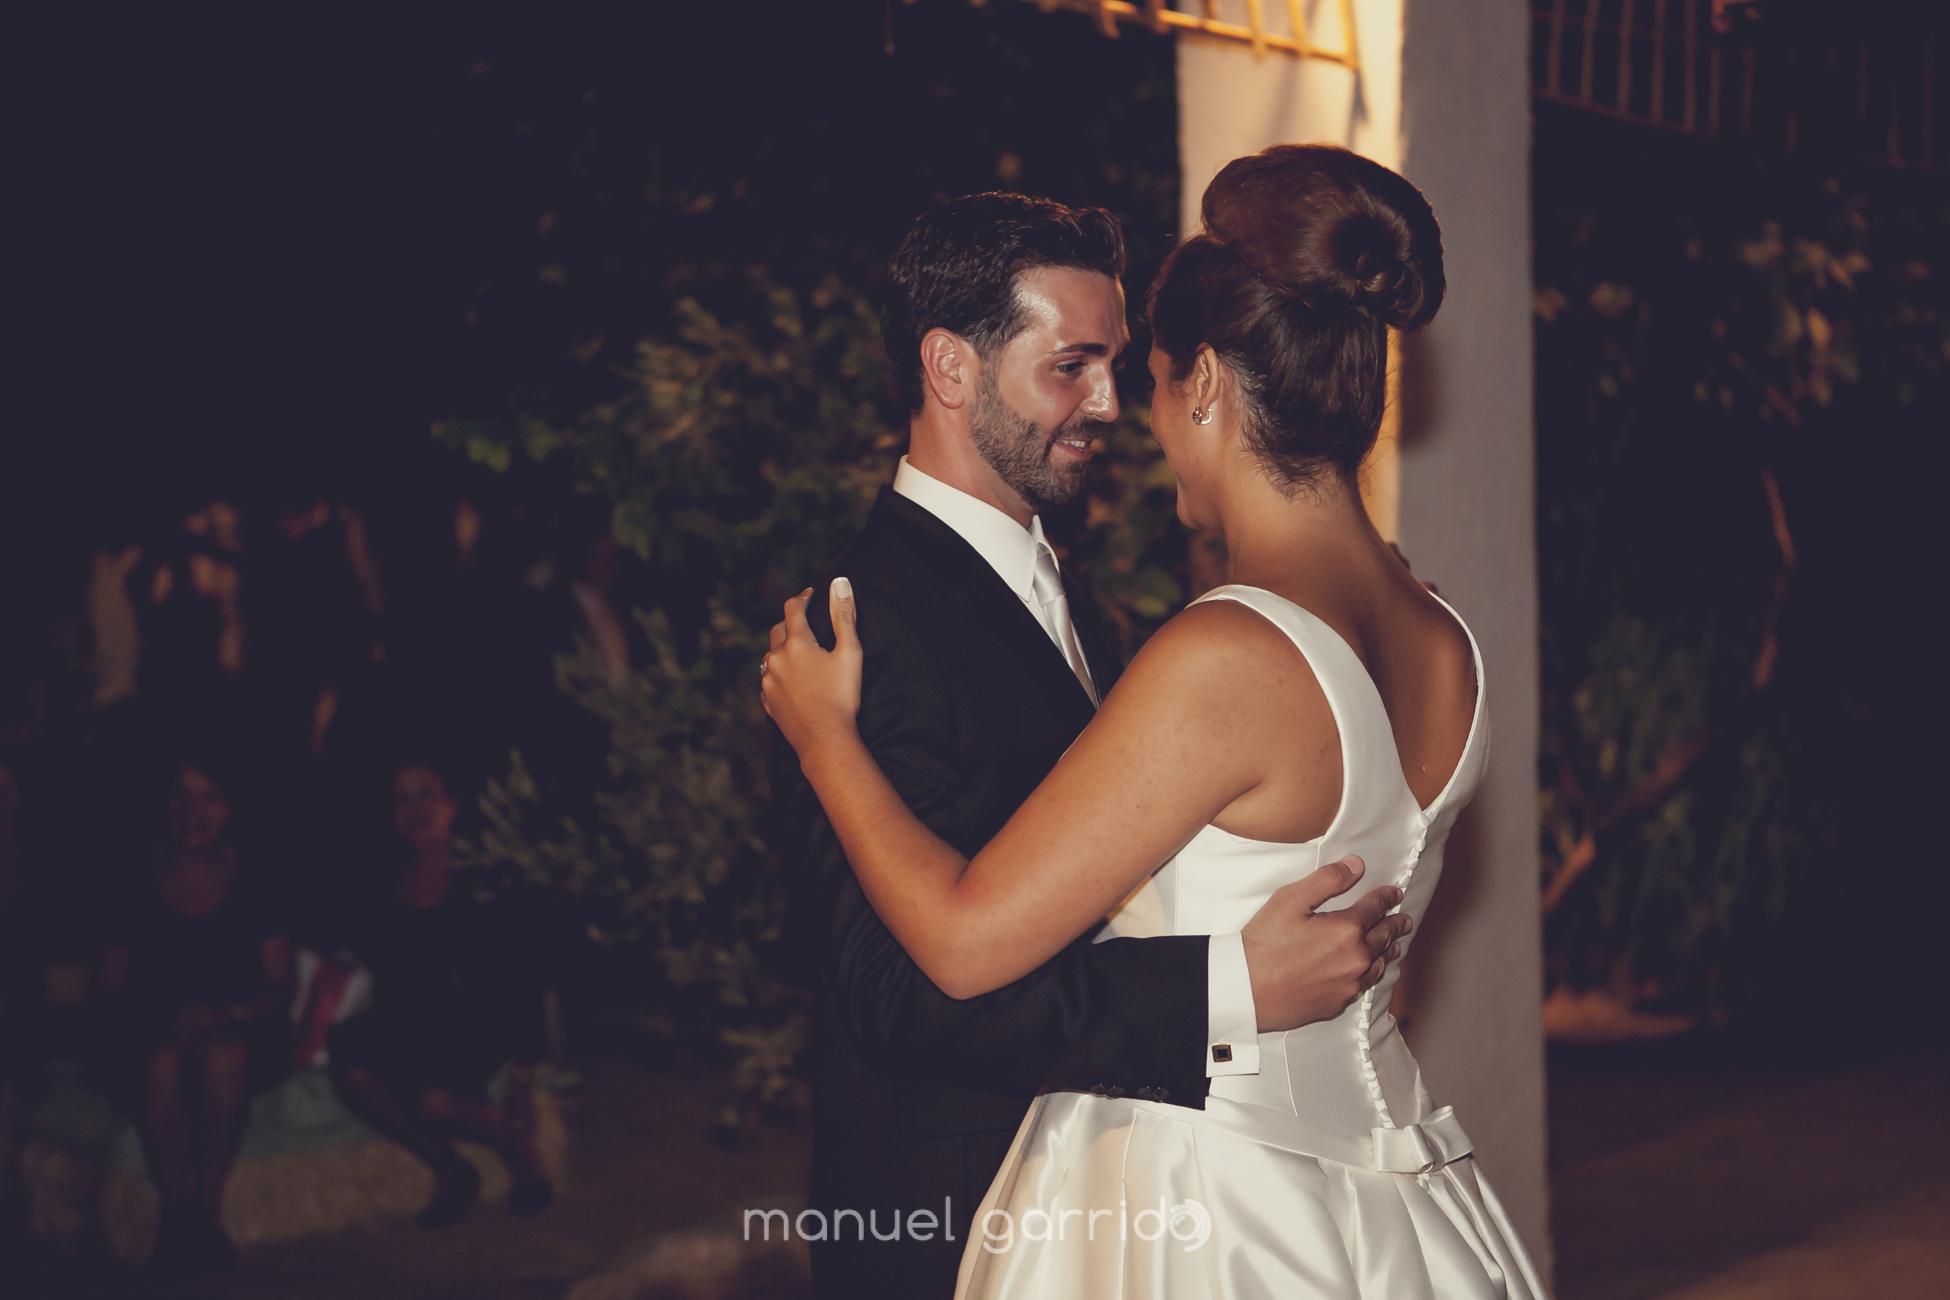 Boda_Alqueria_El_Machistre_Valencia-Manuel_Garrido-Carlos_y_Celia-138